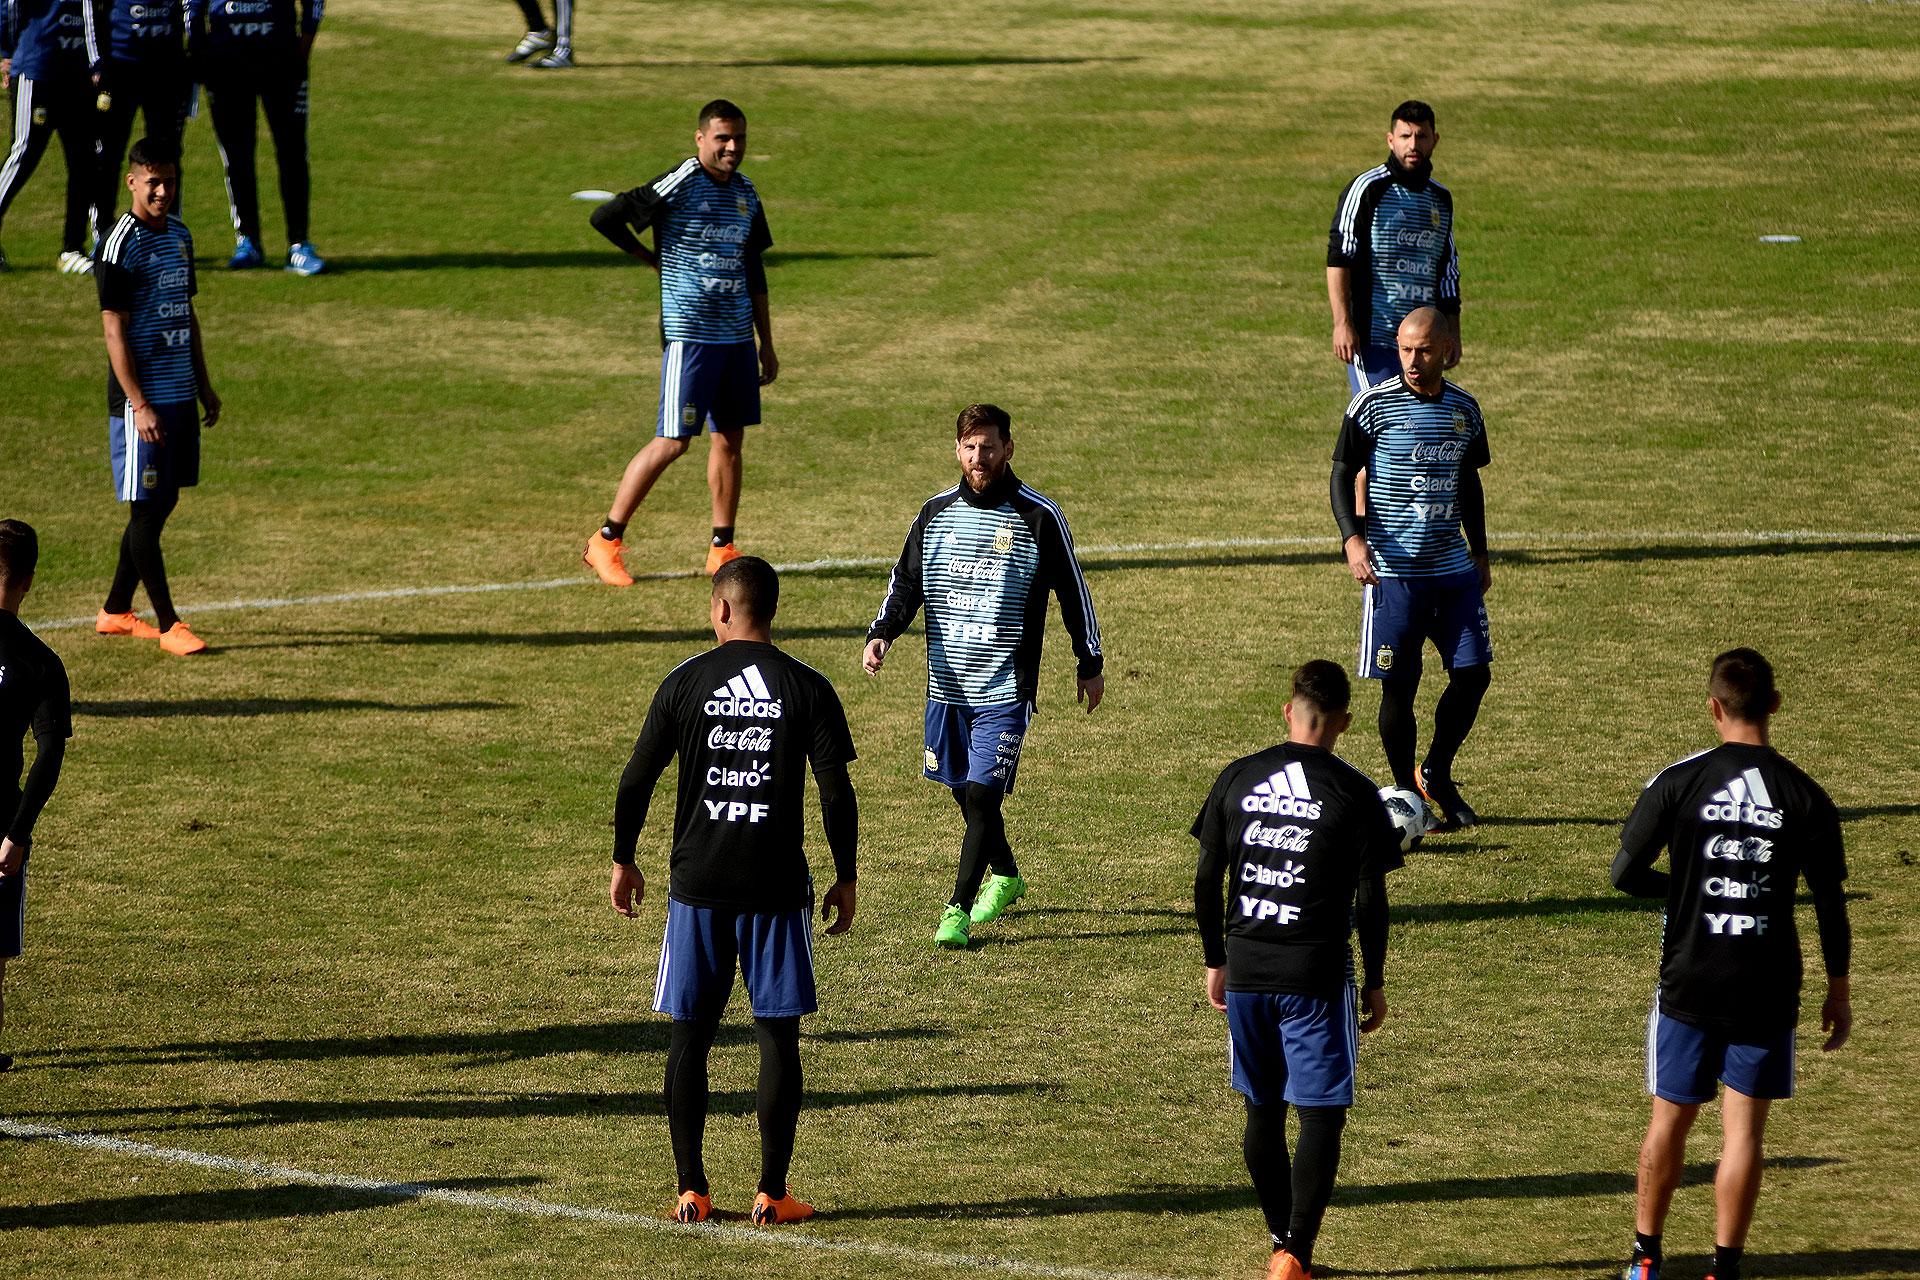 La última vez que la Argentina había practicado con público fue a tres días del comienzo del Mundial Brasil 2014 y la experiencia terminó con una invitación de personas que incluso obligaron a los jugadores a regalar sus prendas